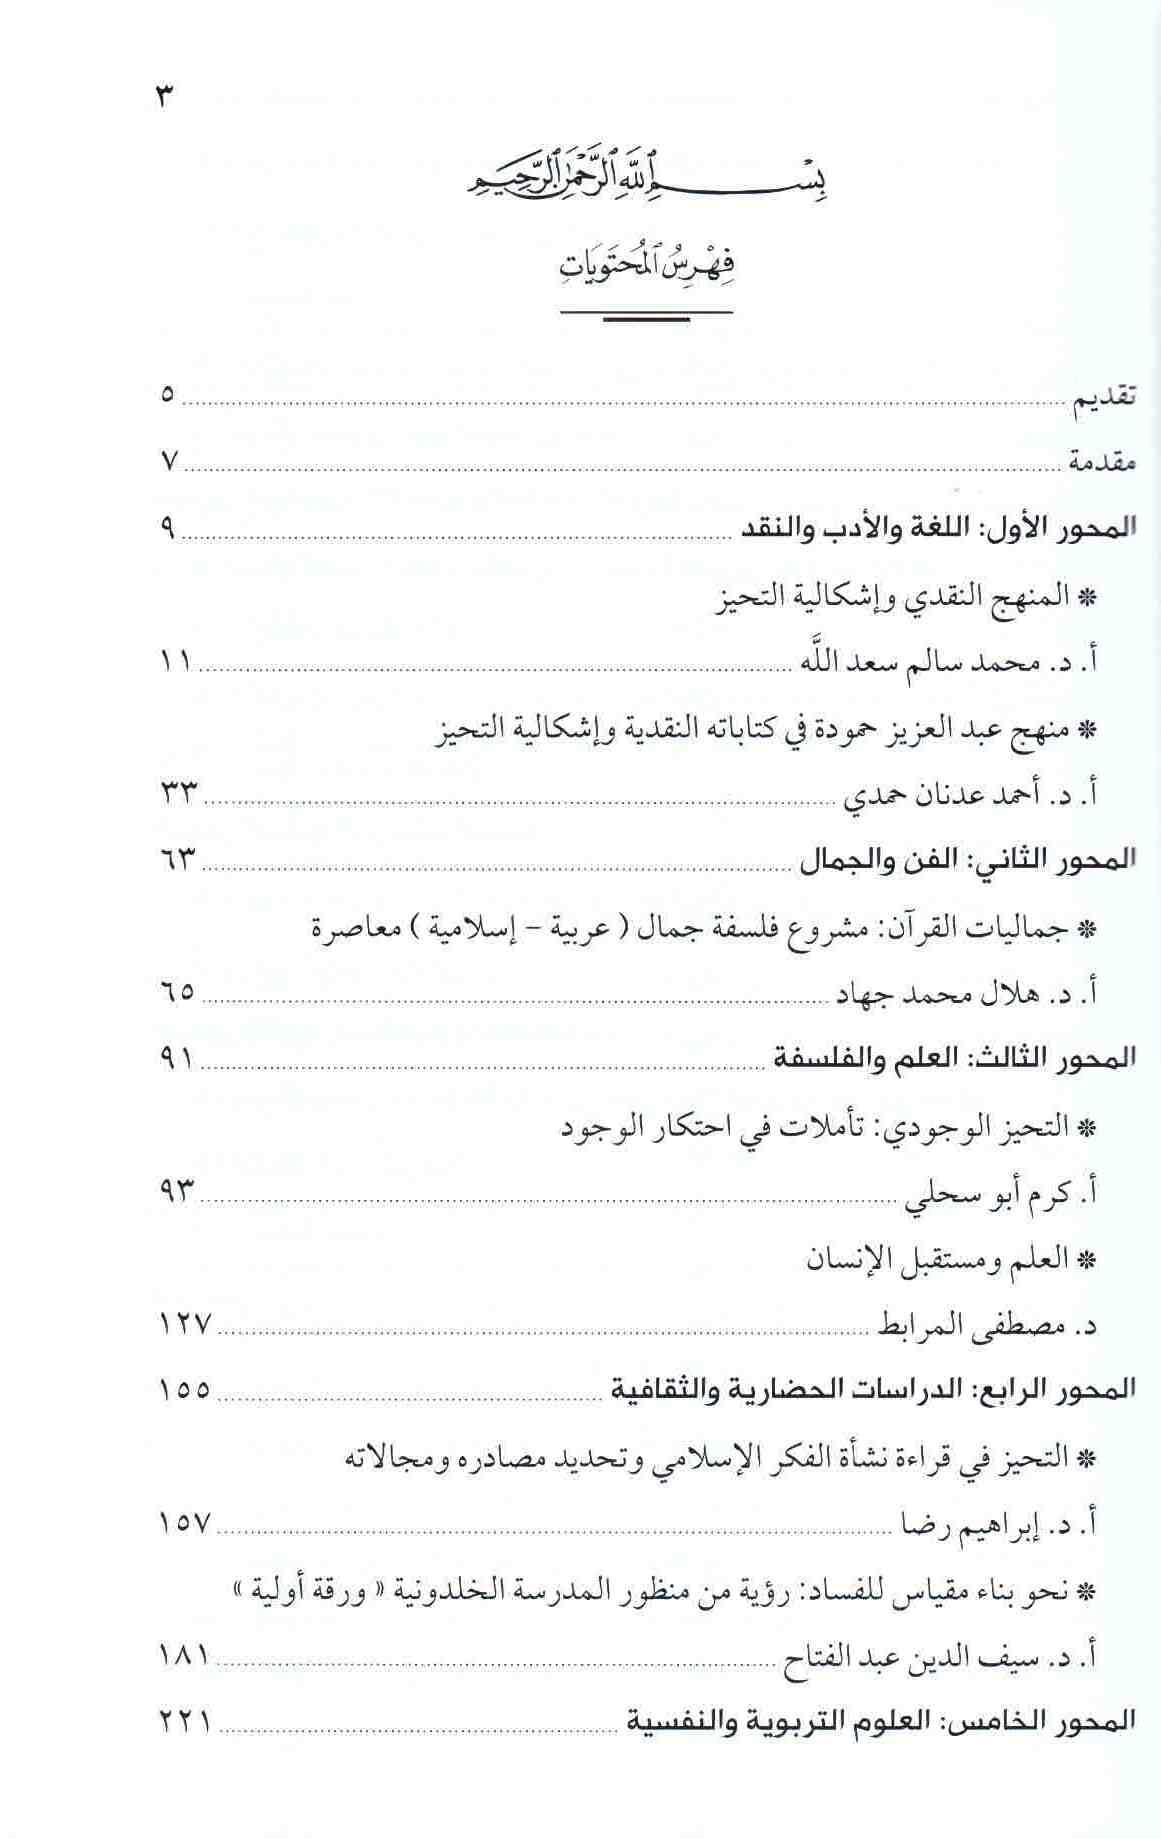 ص 3 قائمة محتويات المؤتمر الثاني لفقه التحيز